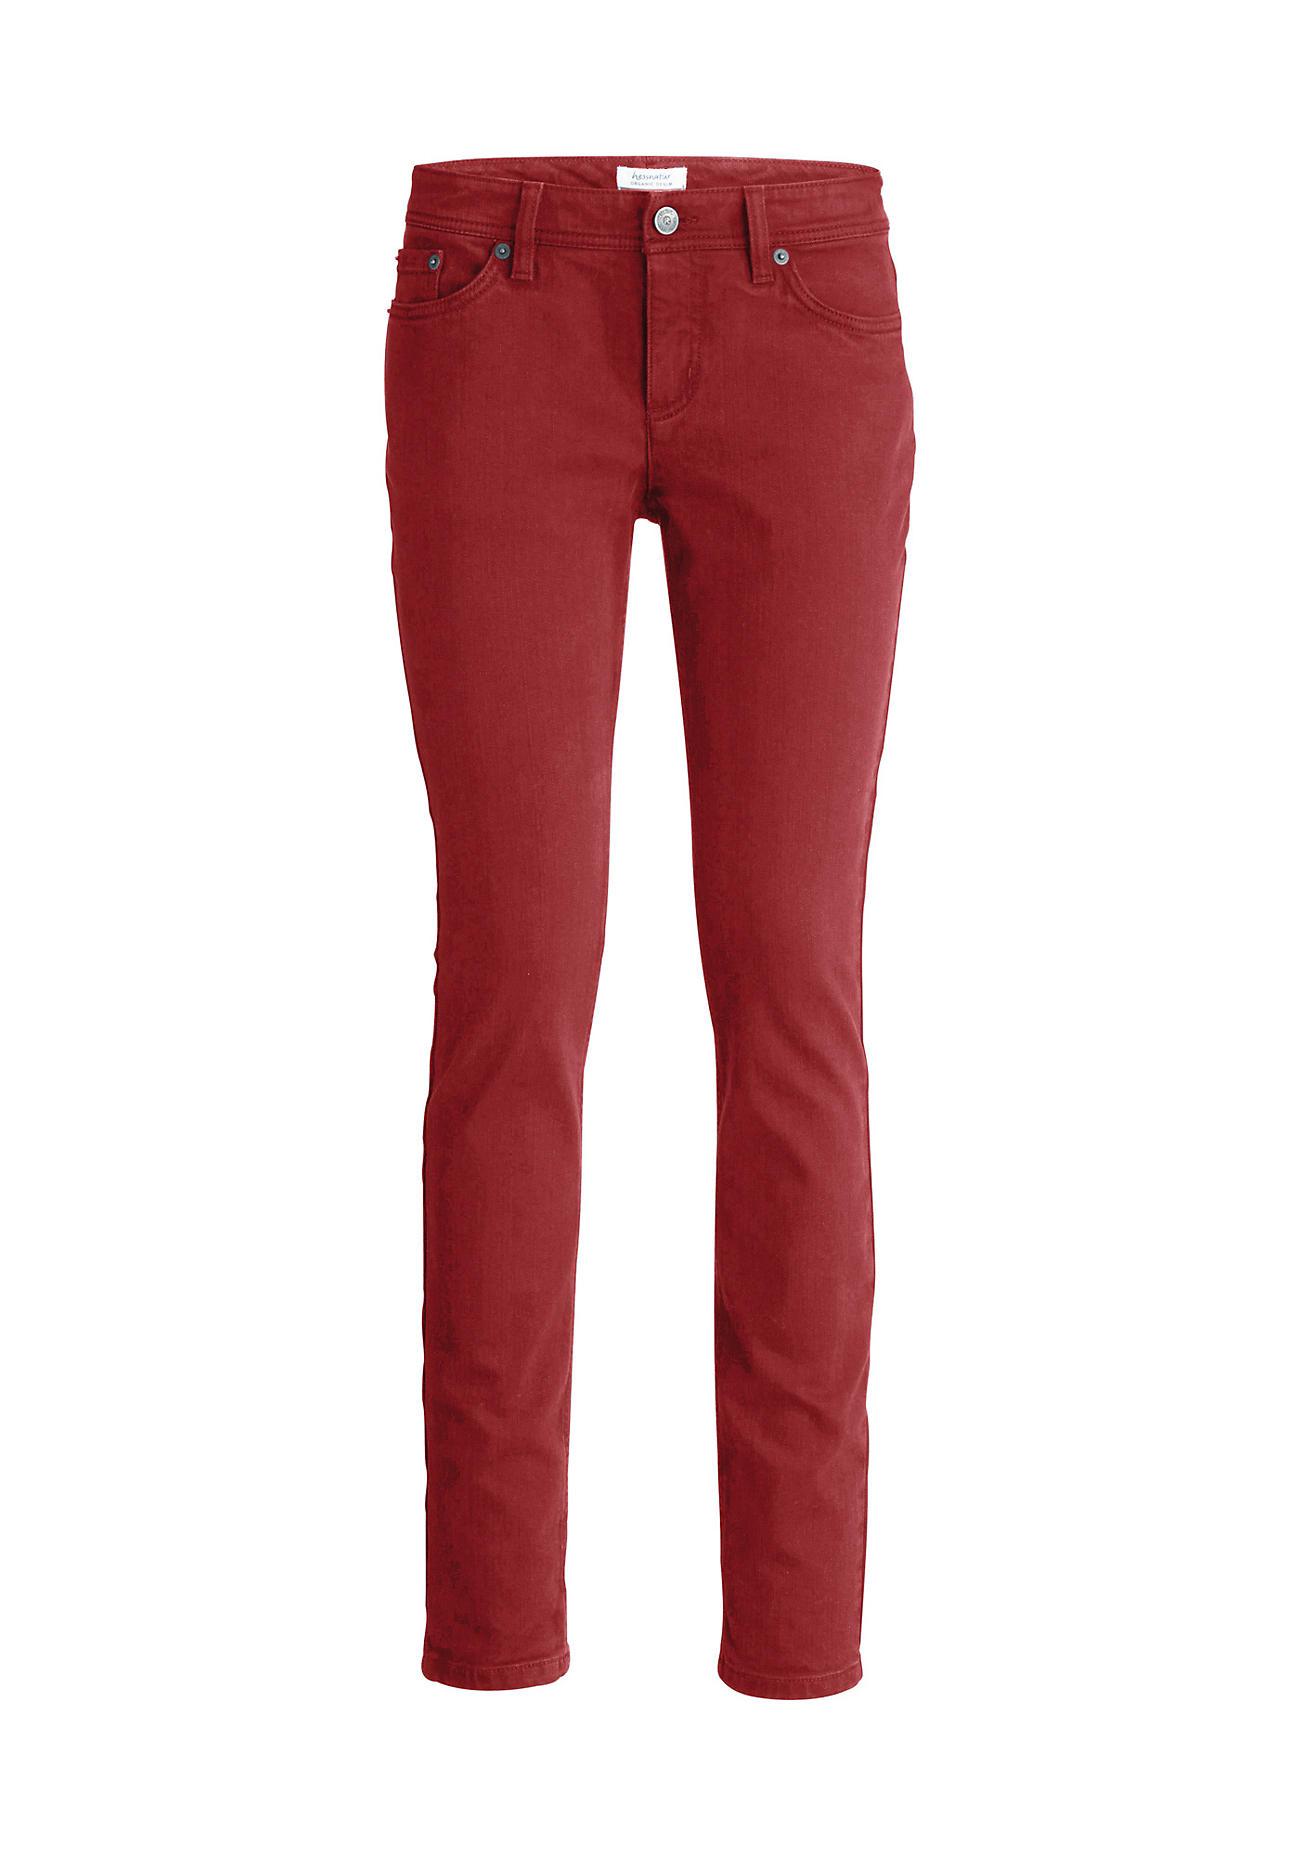 hessnatur Damen Jeans Slim Fit aus Bio-Baumwolle – rot – Größe 29/34